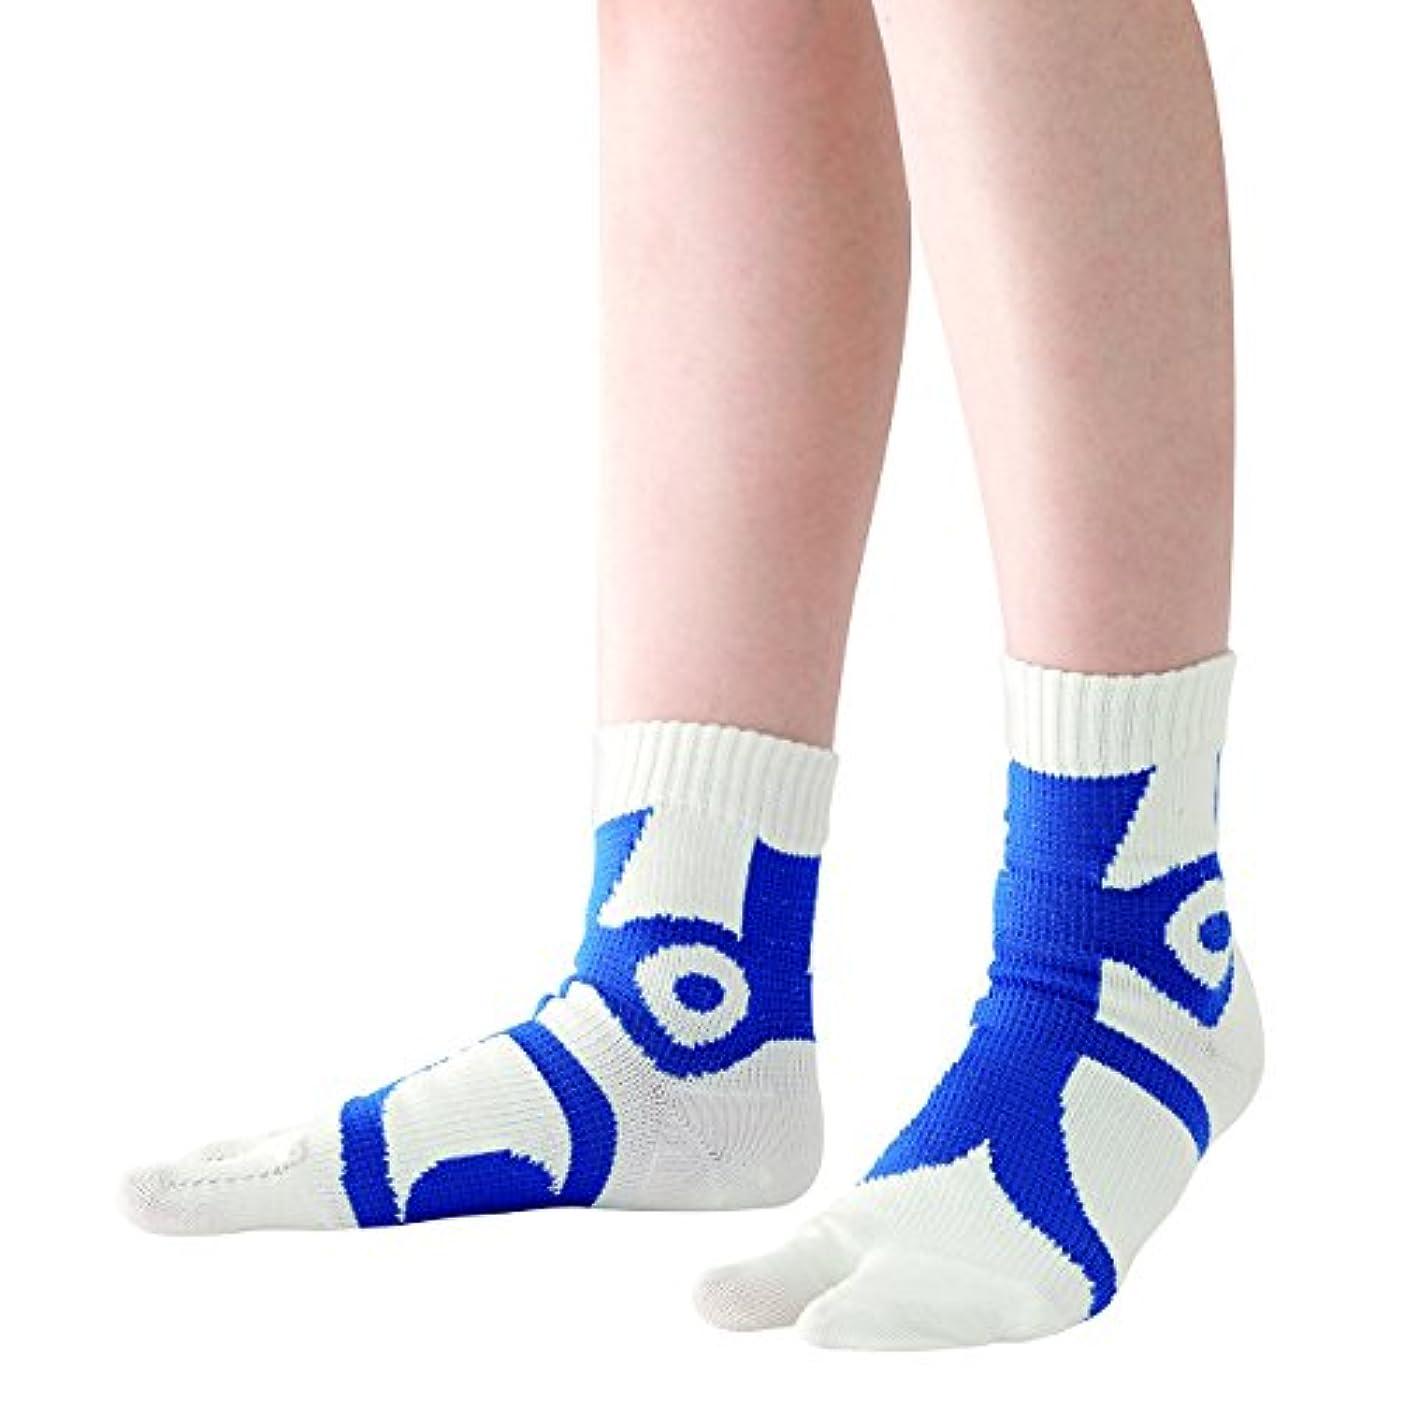 資金オーバーヘッド荒廃する快歩テーピング靴下 ホワイト×ブルー